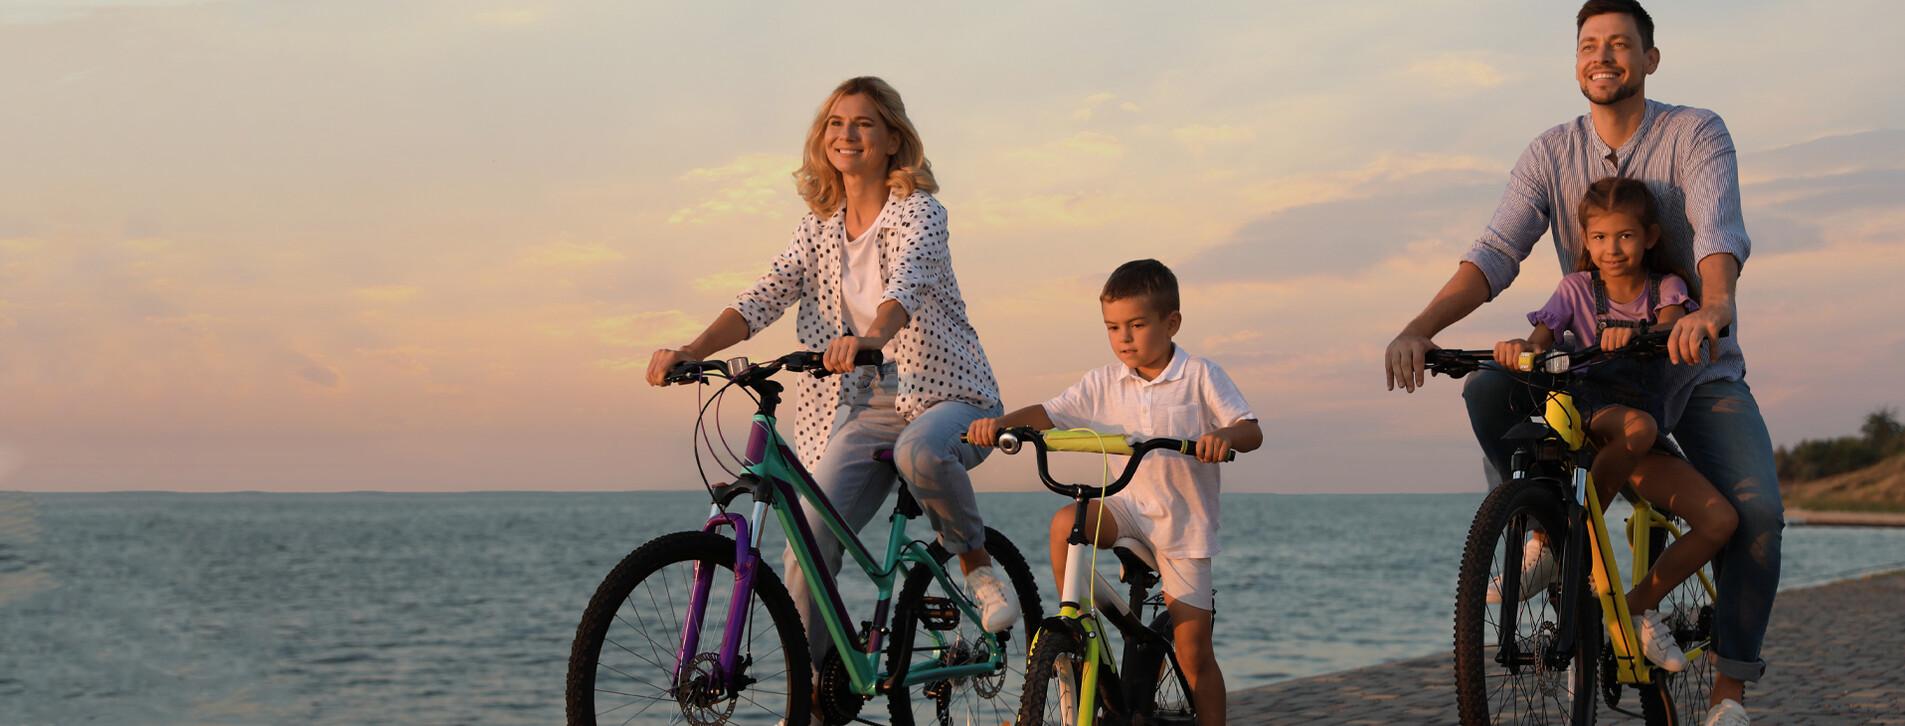 Fotoğraf 1 - Aile için Deniz Kıyısında Bisiklet Turu